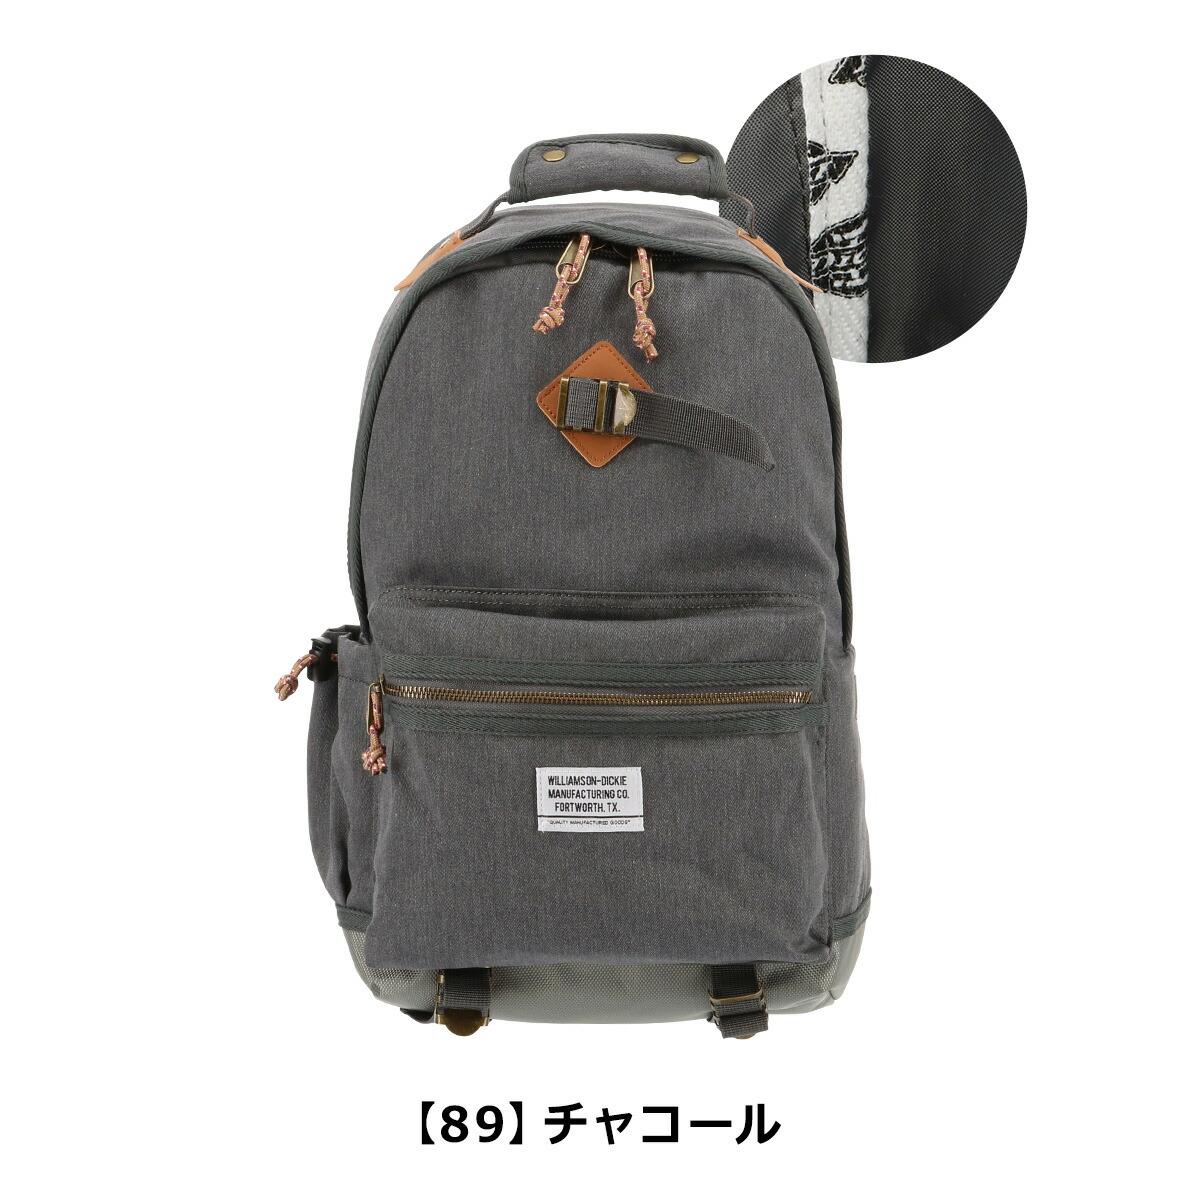 【89】チャコール